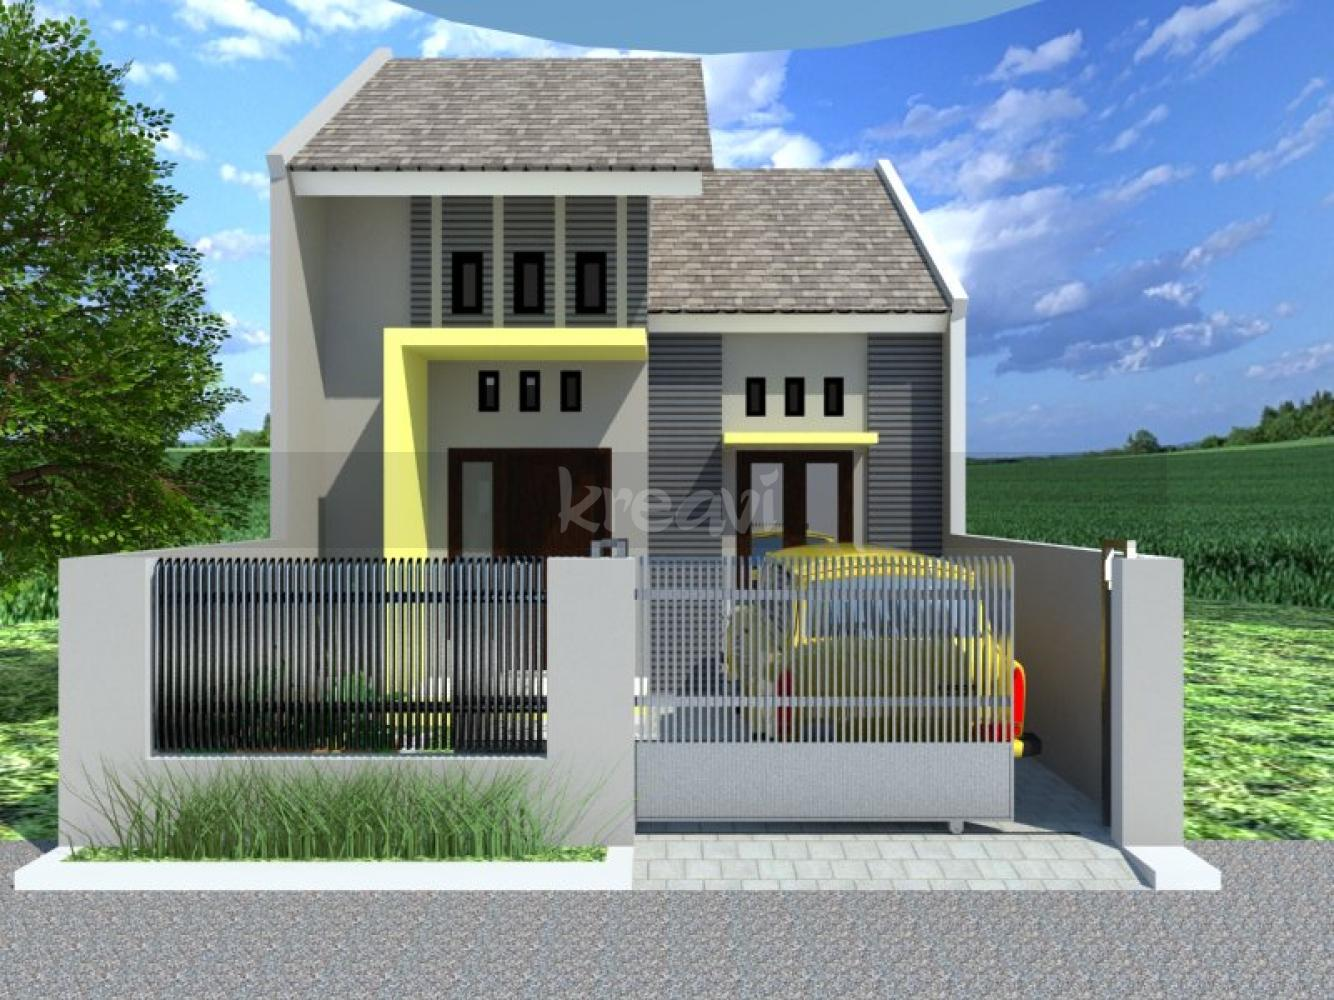 Gambar Gambar Rumah Minimalis Type 21 Surpriz Menu